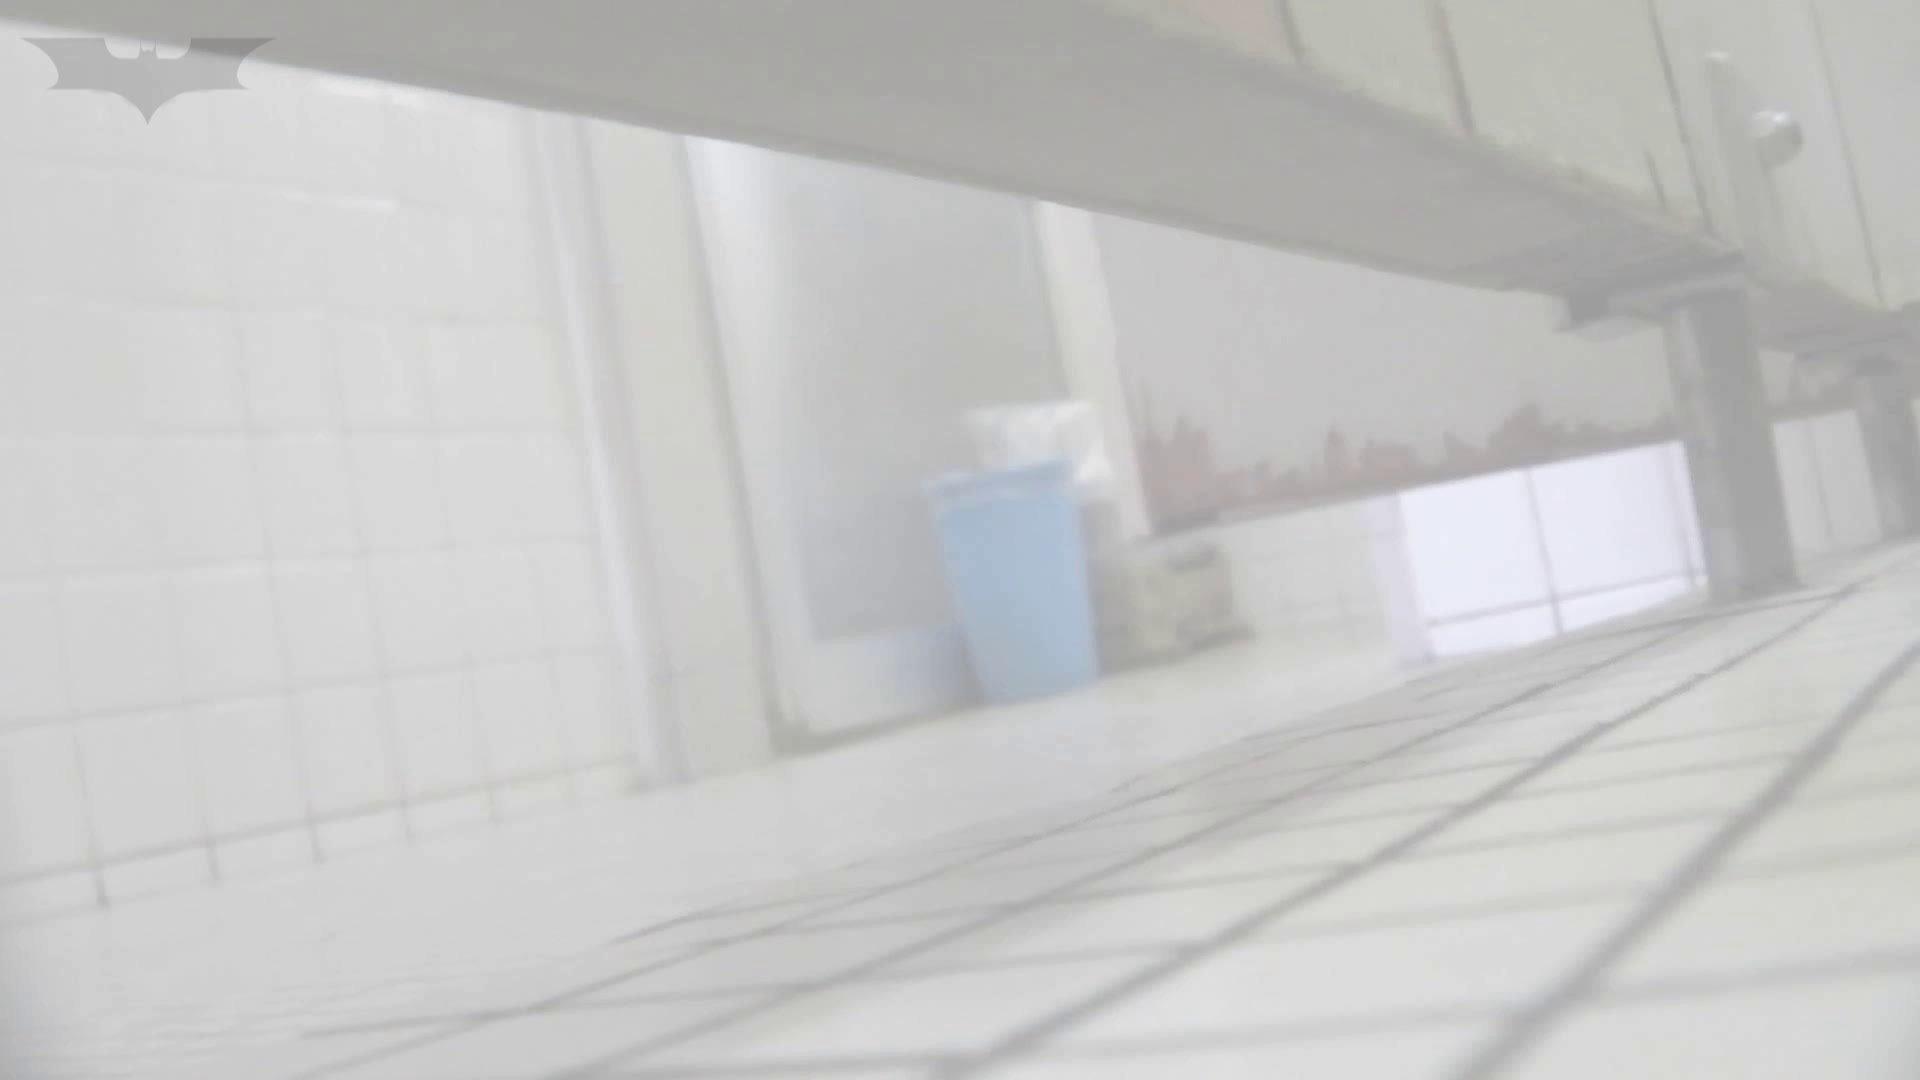 洗面所特攻隊 vol.74 last 2総勢16名激撮【2015・29位】 丸見え | お姉さん攻略  69画像 37